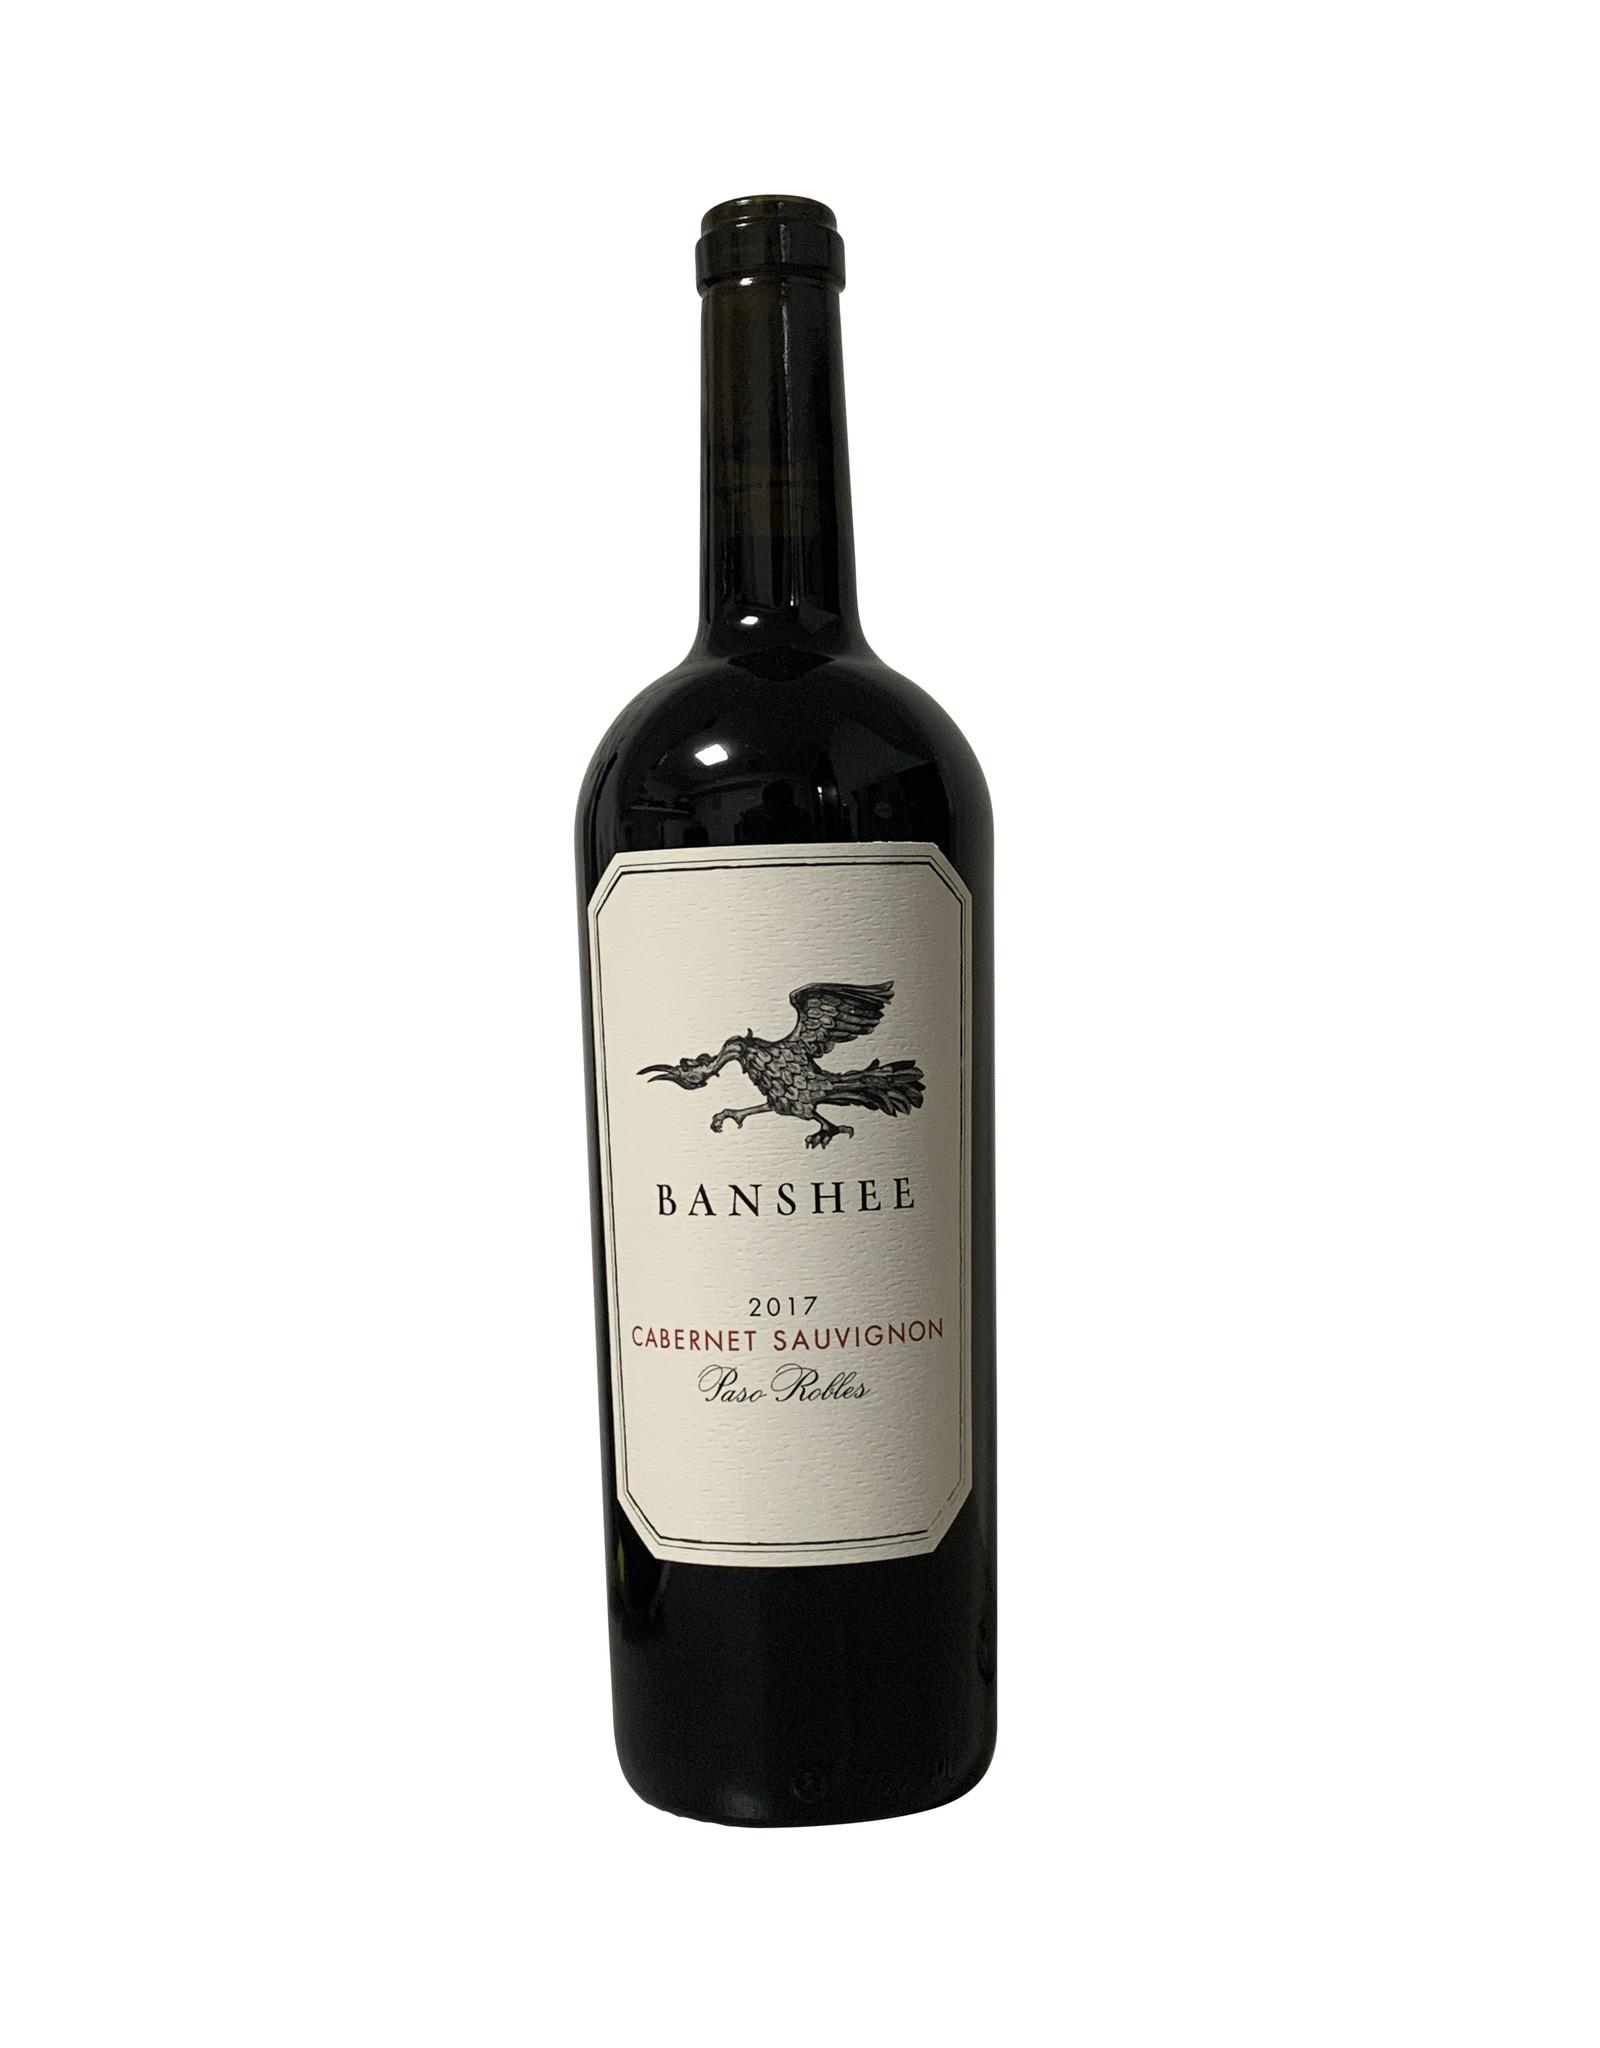 Banshee Banshee Cabernet Sauvignon Paso Robles 2017, California (750mL)